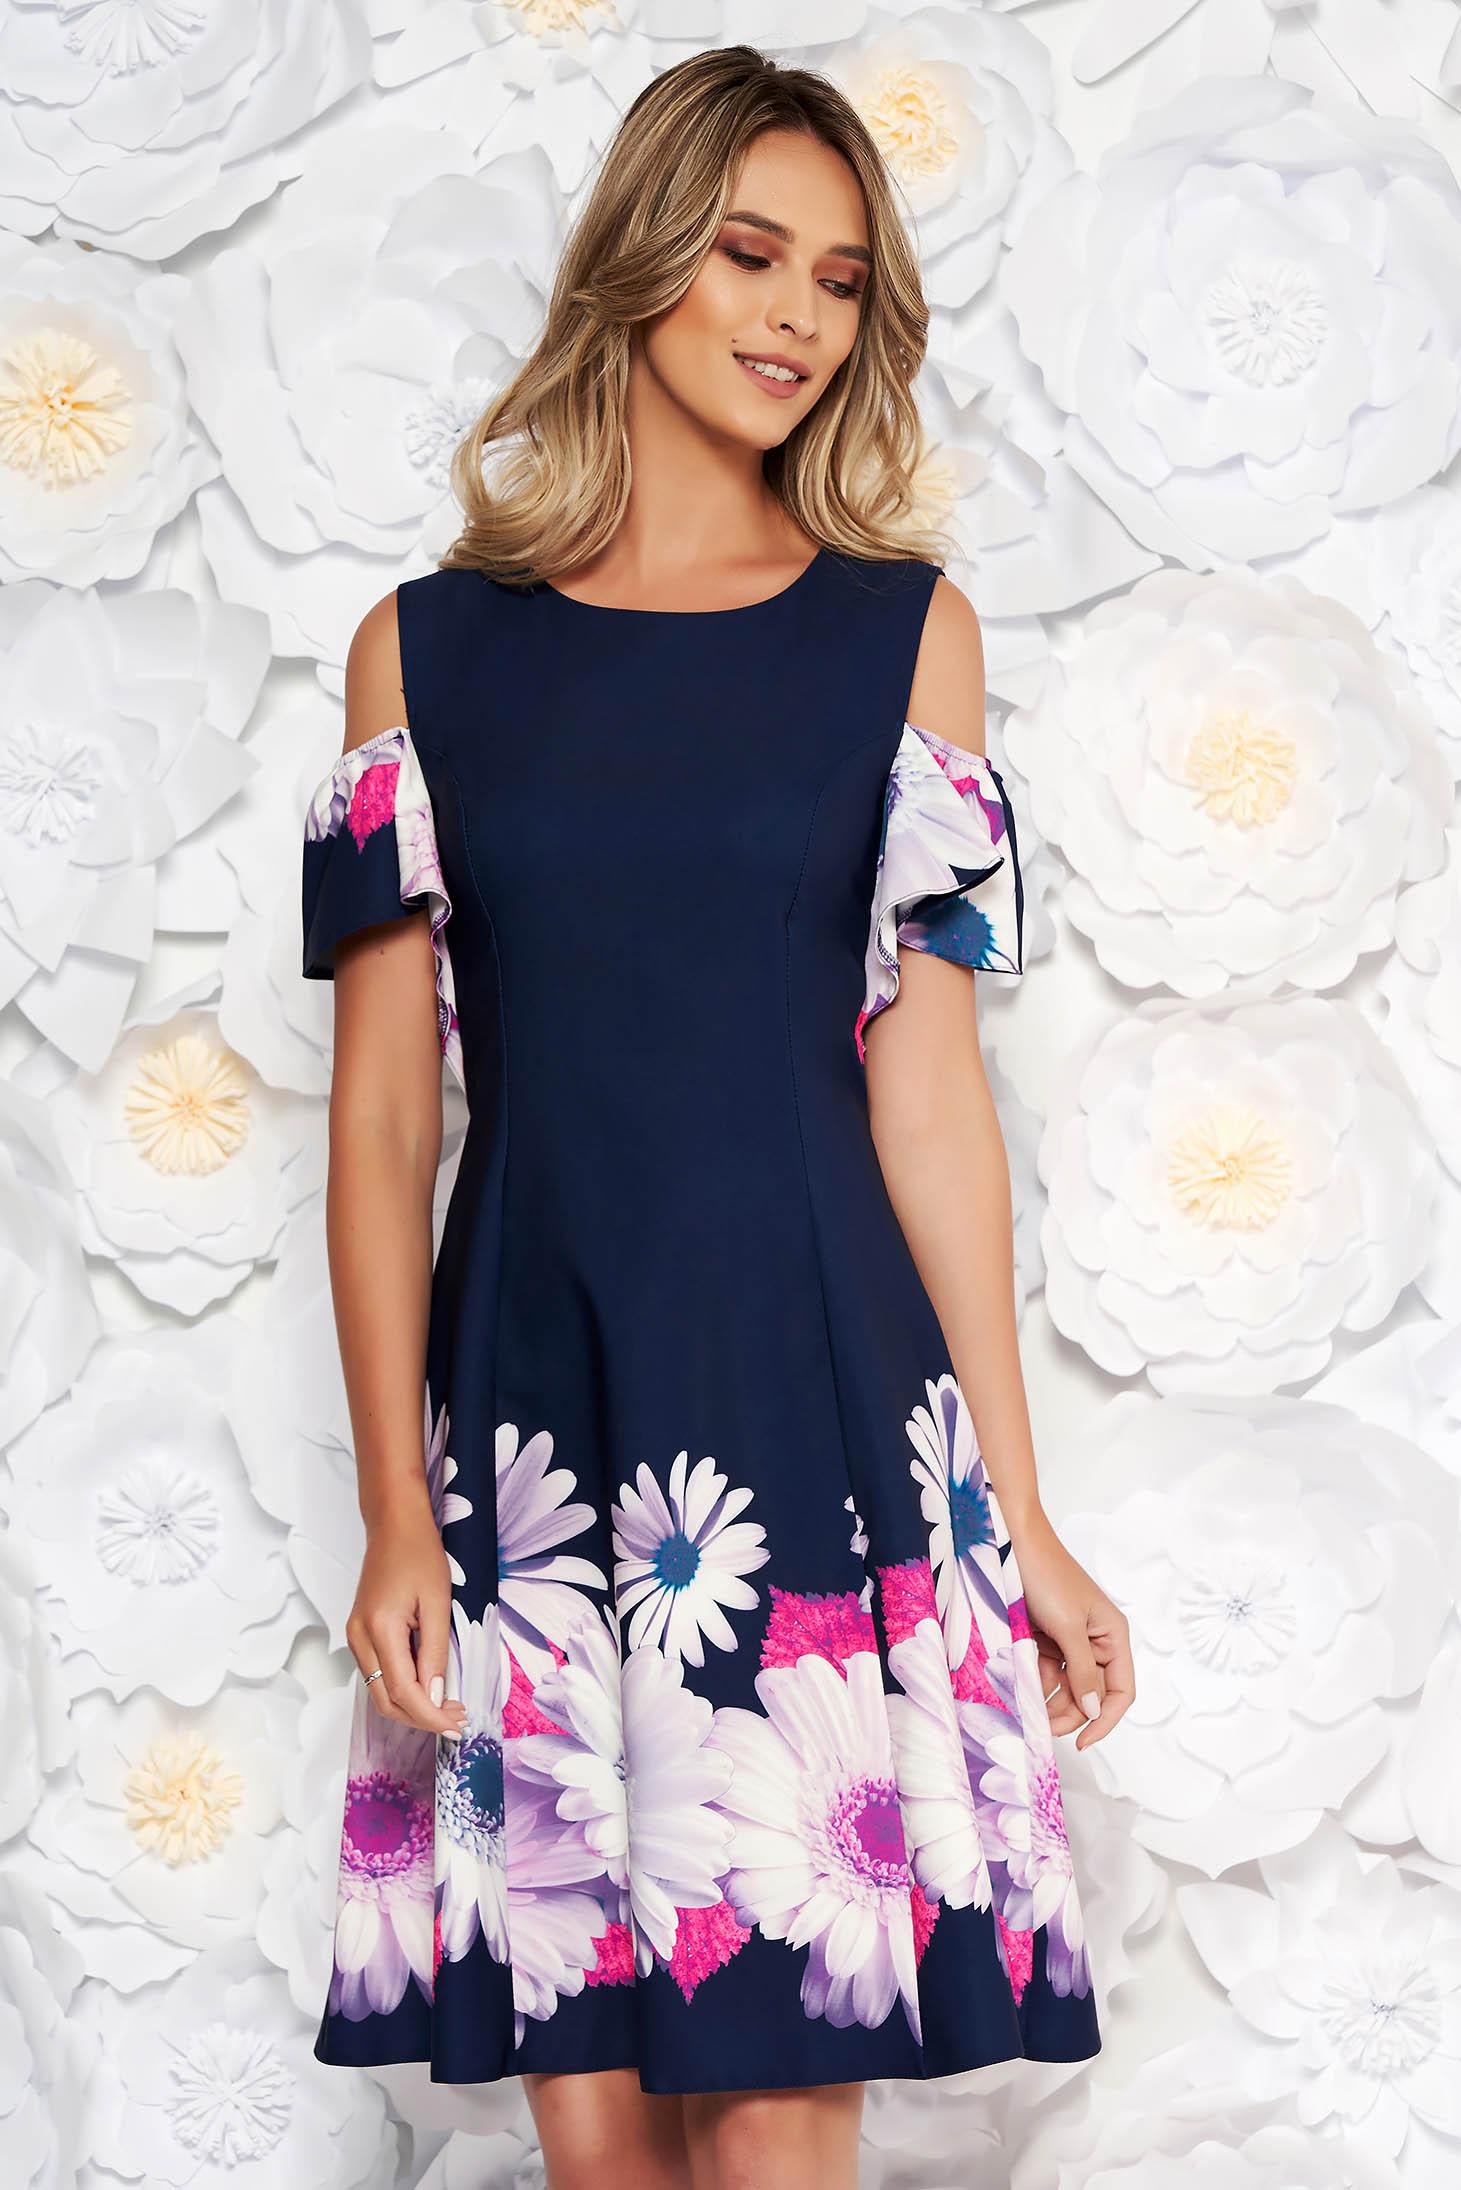 Rochie albastru-inchis eleganta cu umeri decupati cu maneca scurta in clos din stofa usor elastica